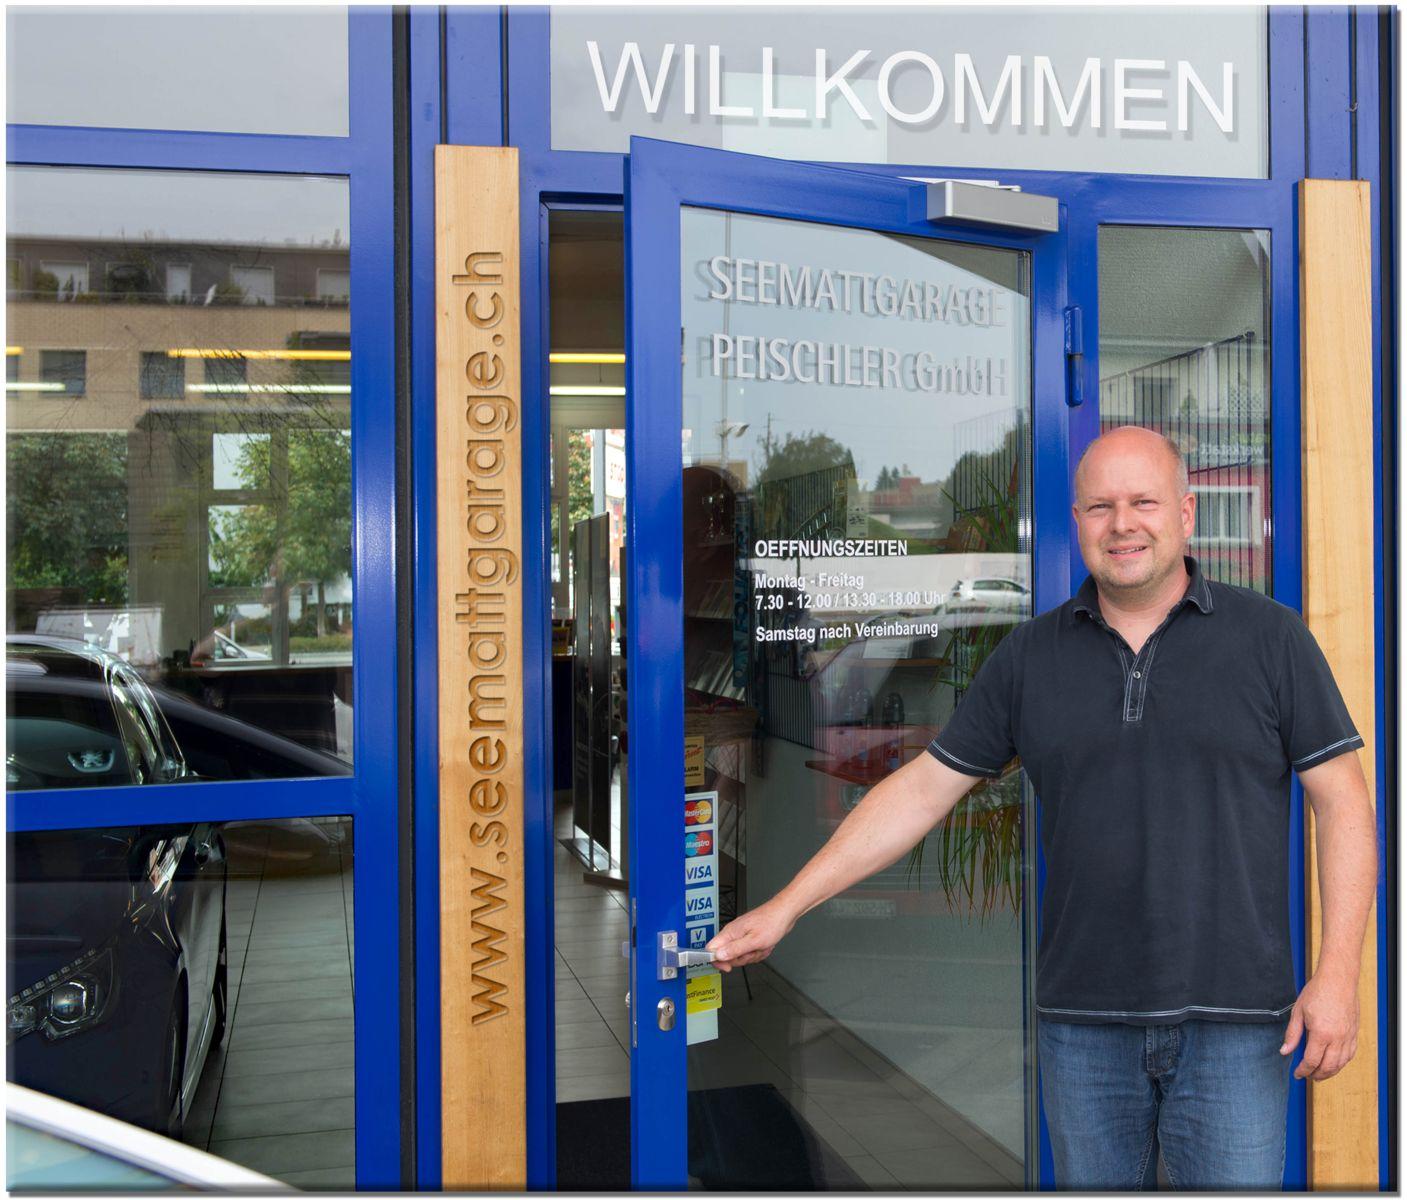 Seemattgarage Peischler GmbH in Bülach - offizielle Peugeot Vertretung